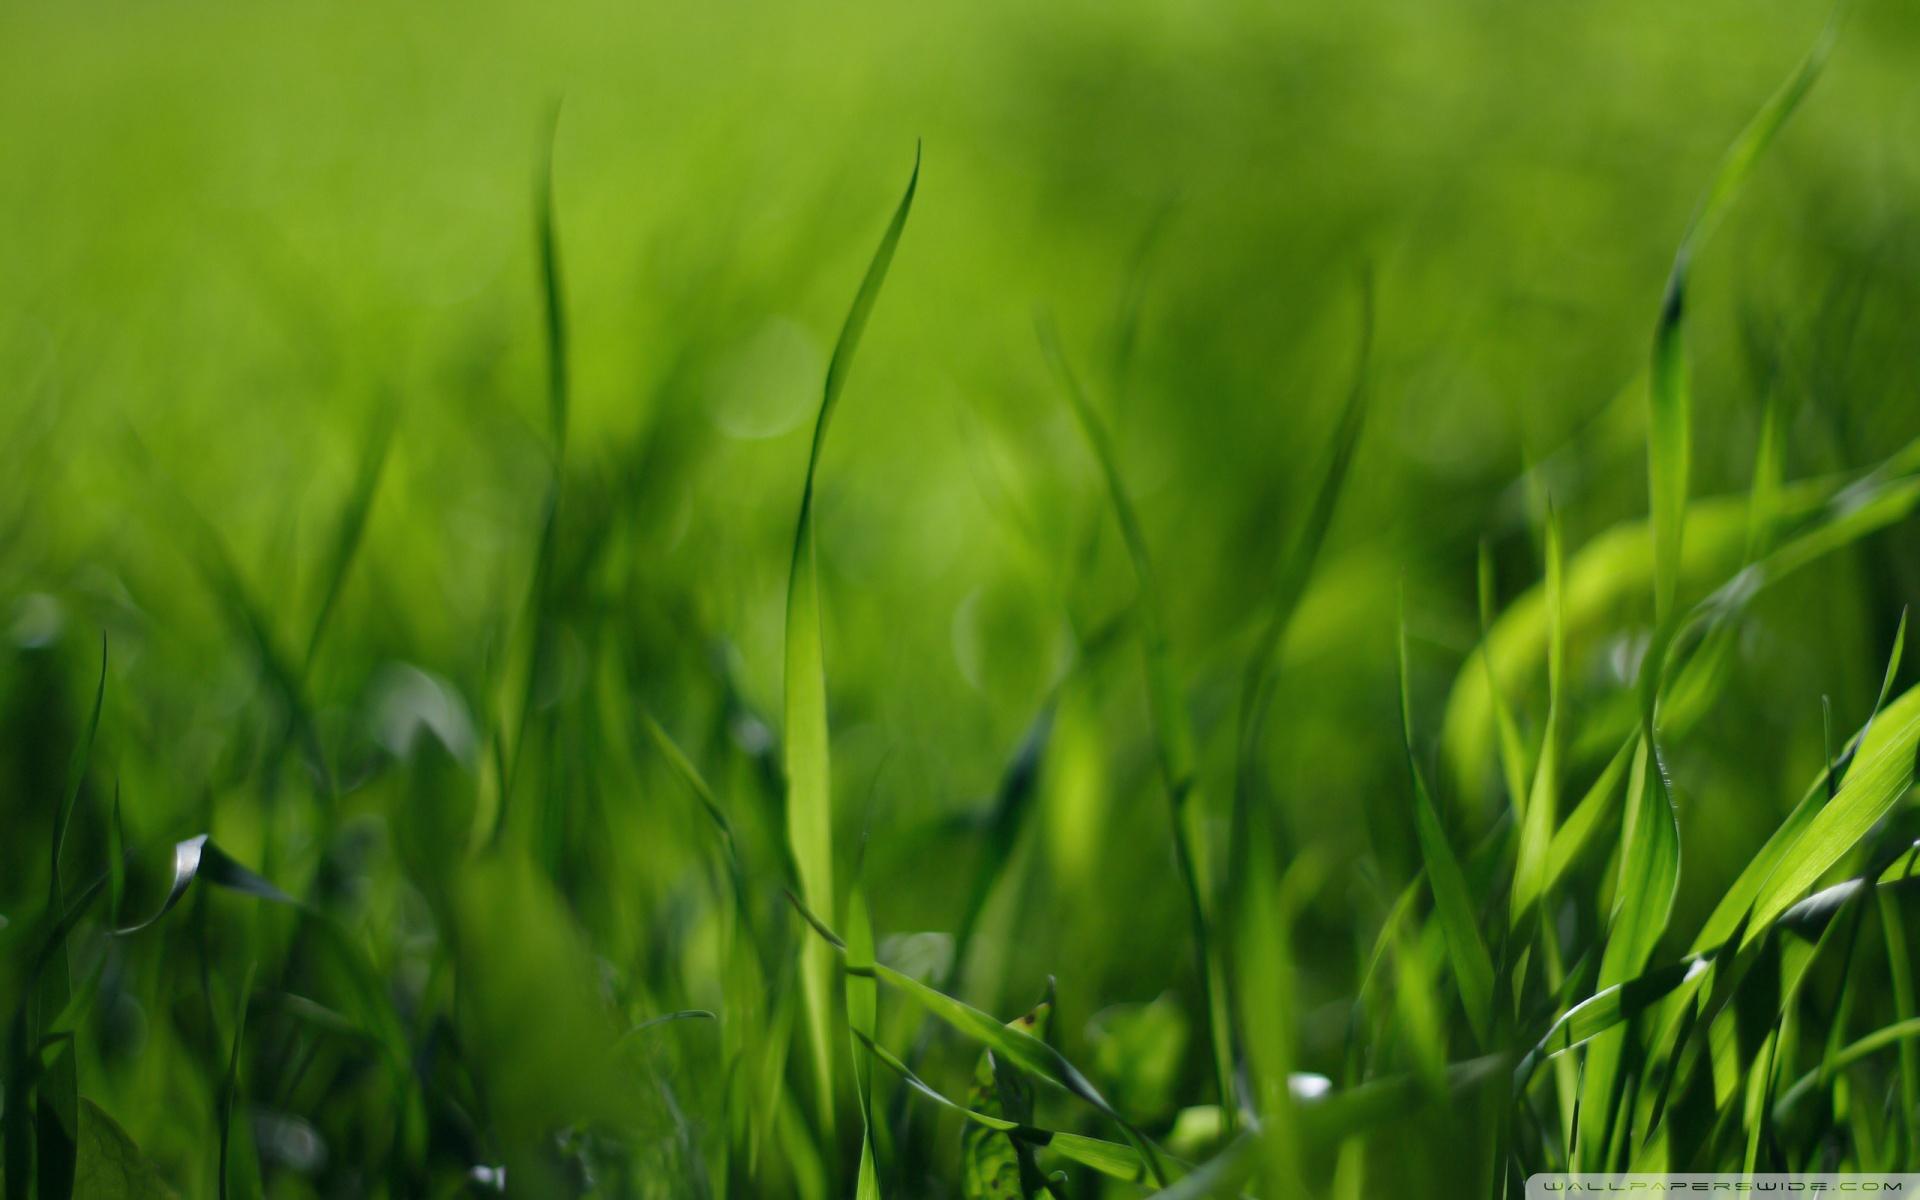 大自然绿色的美景桌面壁纸(13/13)